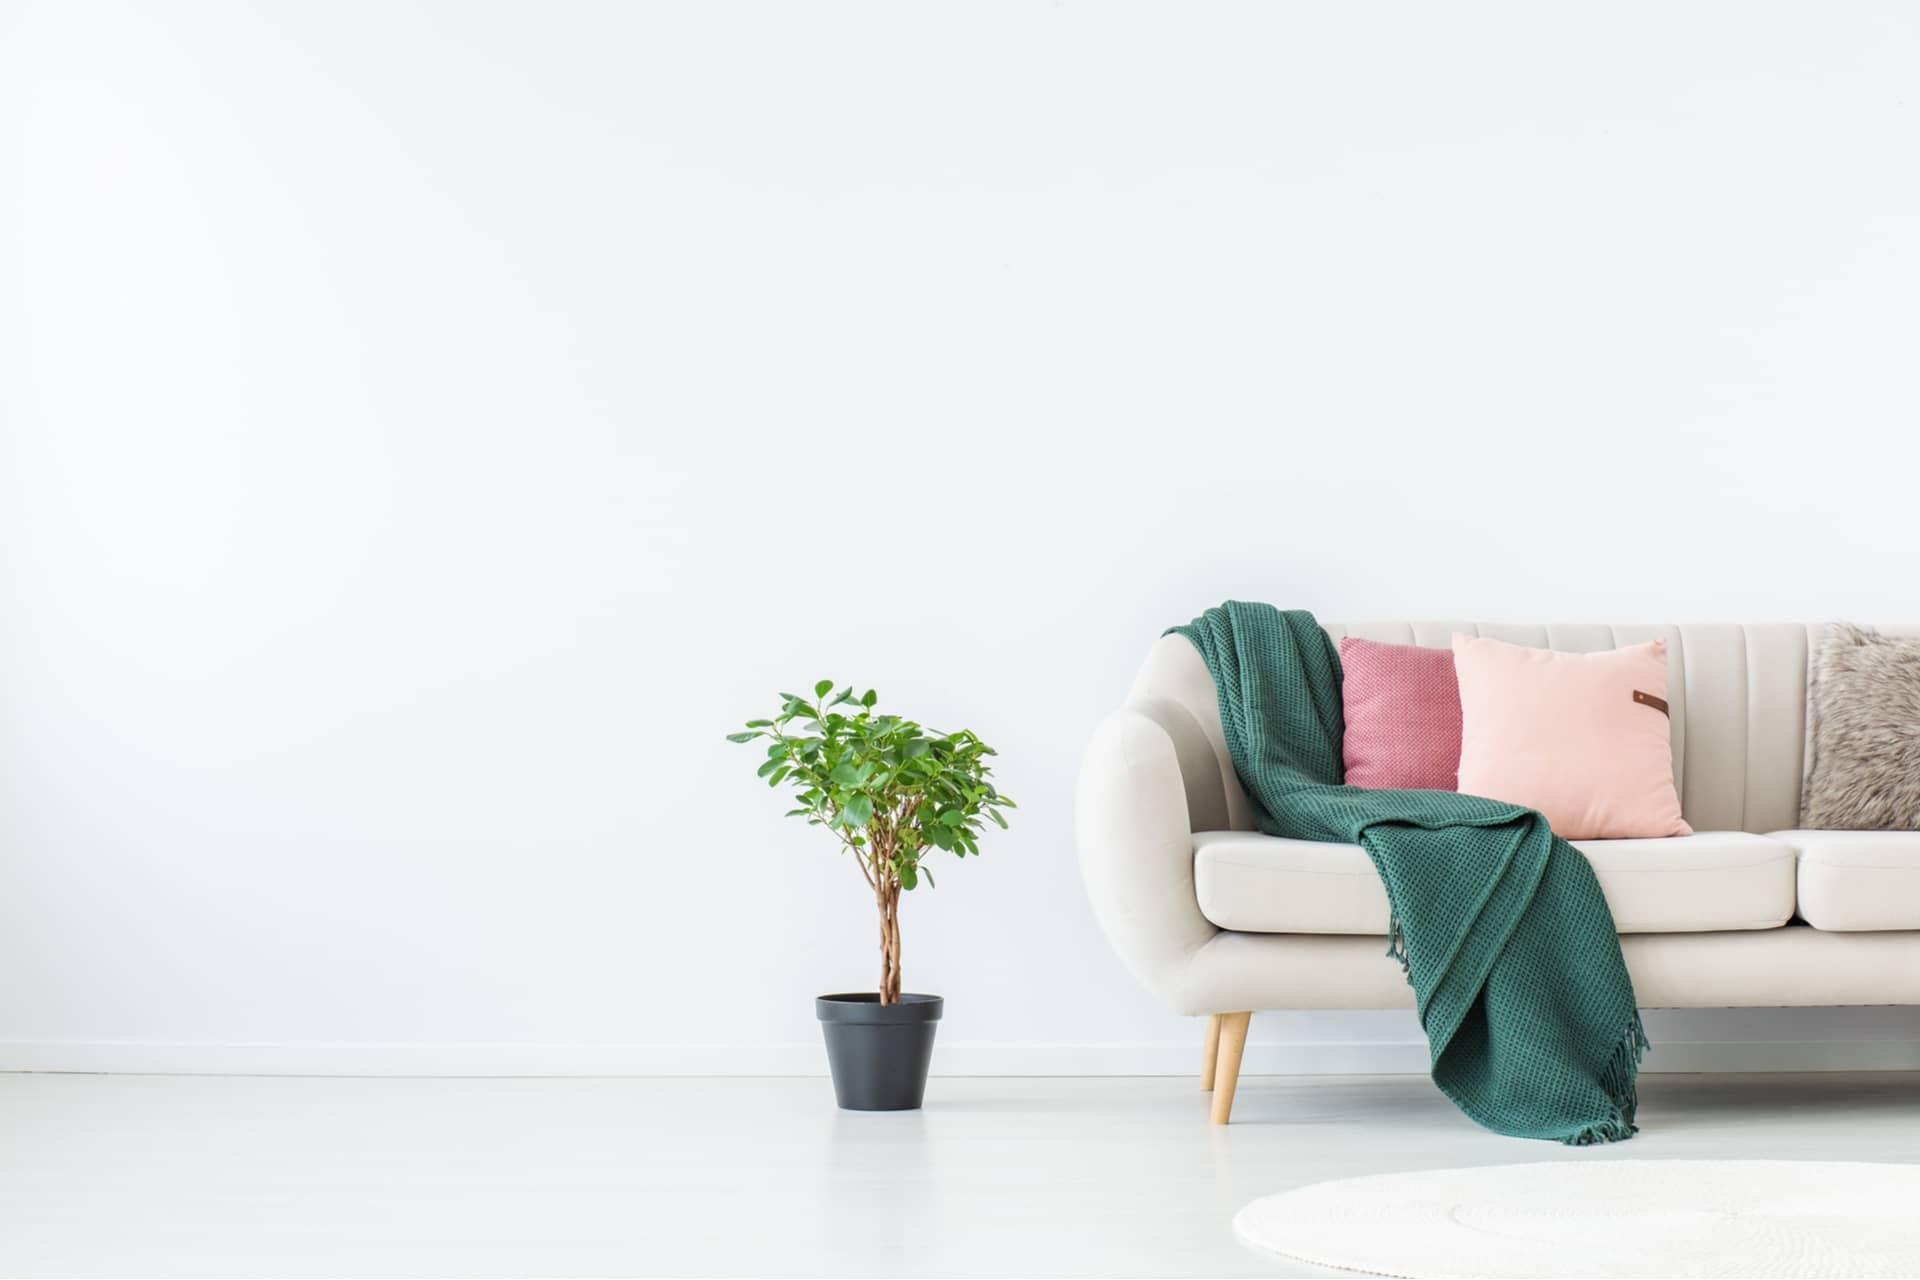 หมอนผ้าห่มบนโซฟา